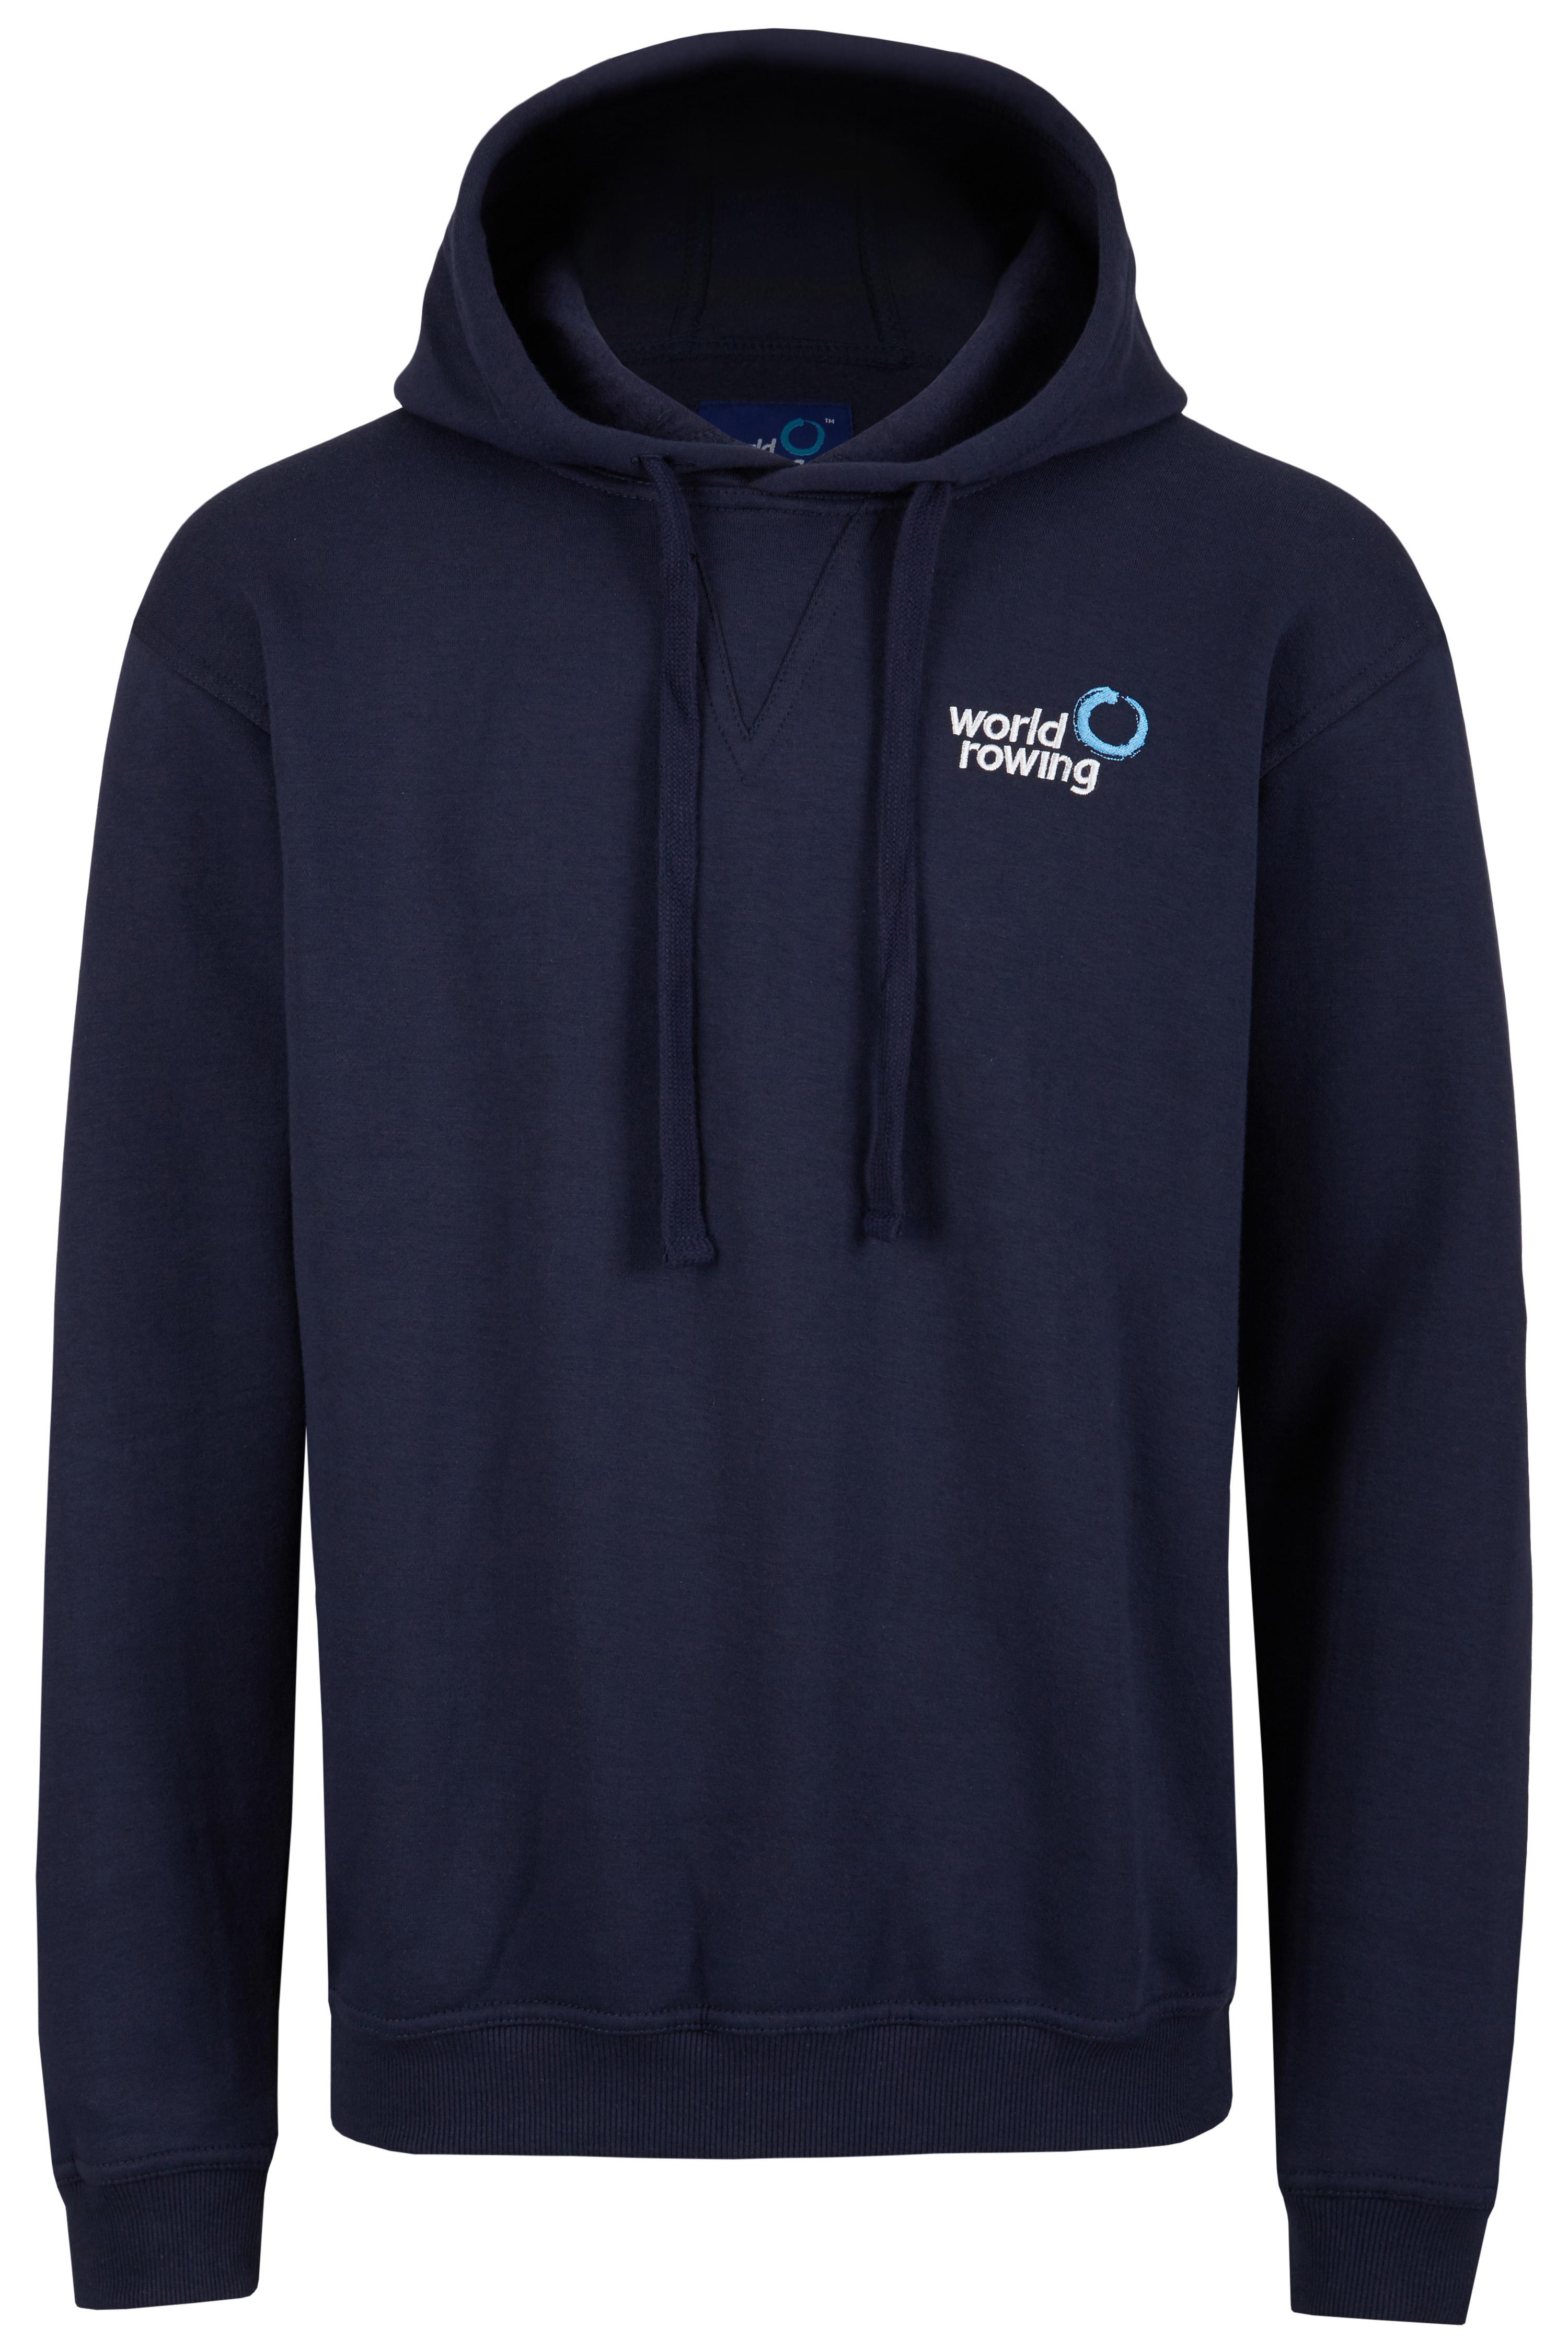 World Rowing Hoodie - marine blau